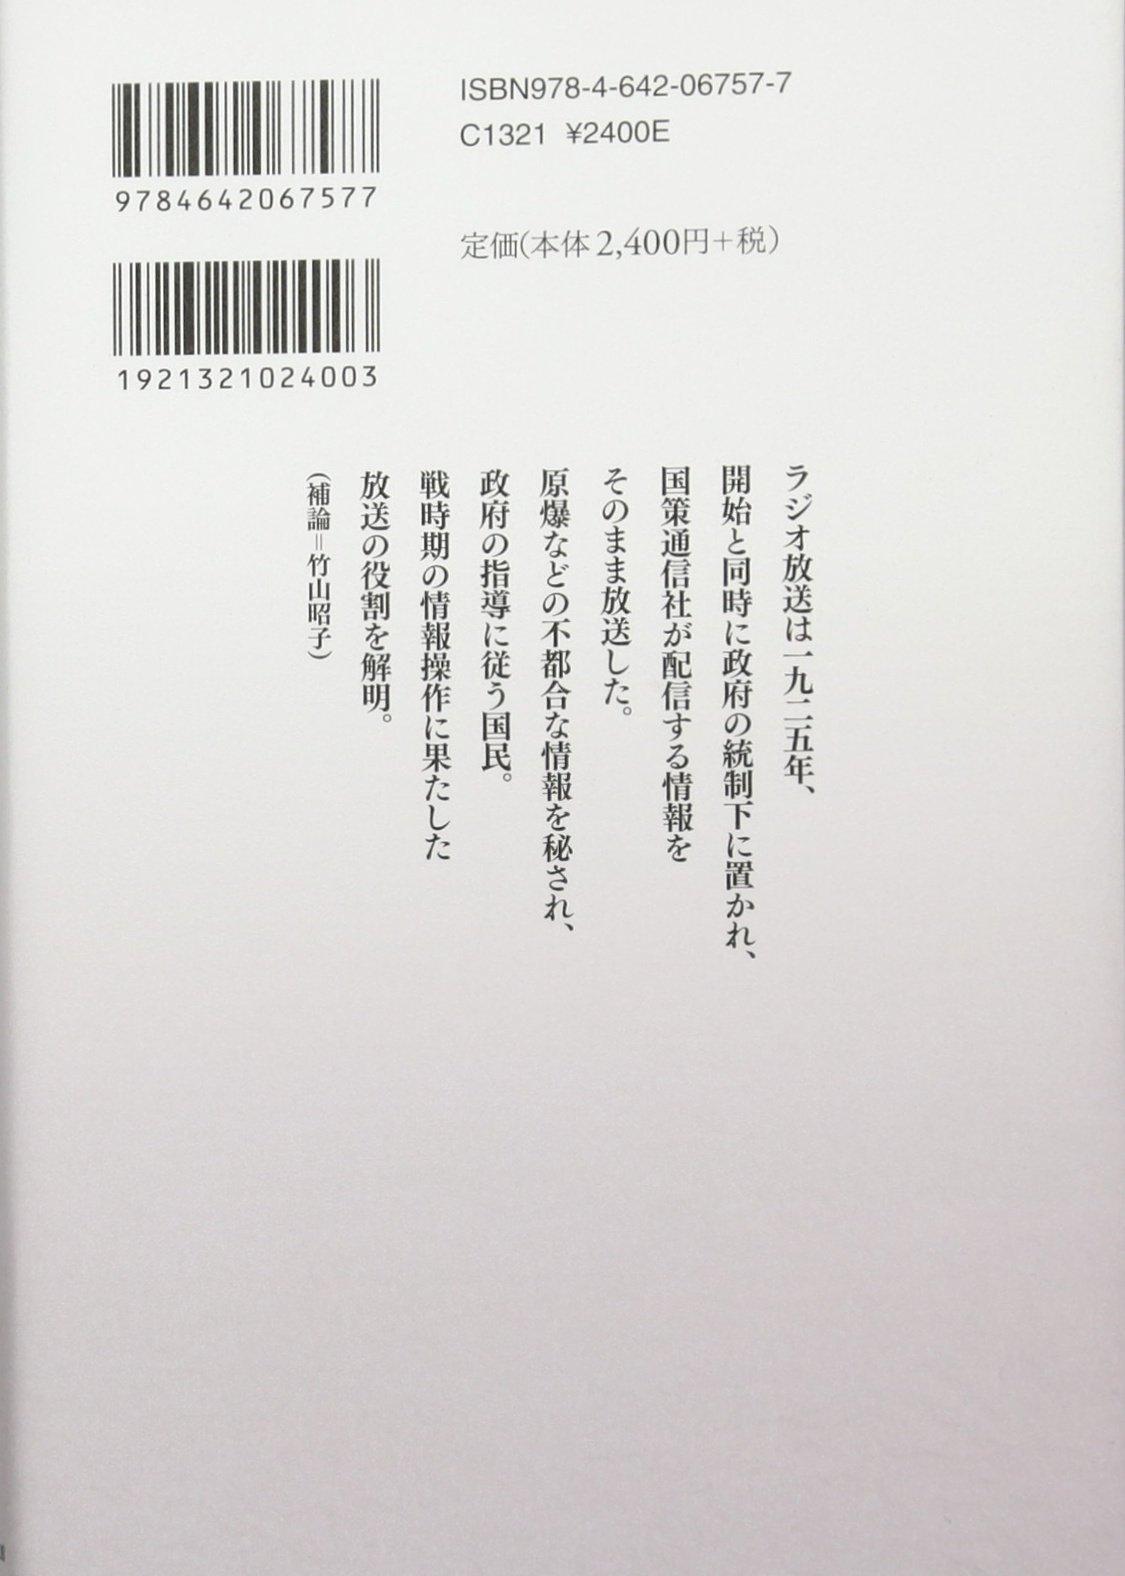 戦争と放送 (読みなおす日本史) ...